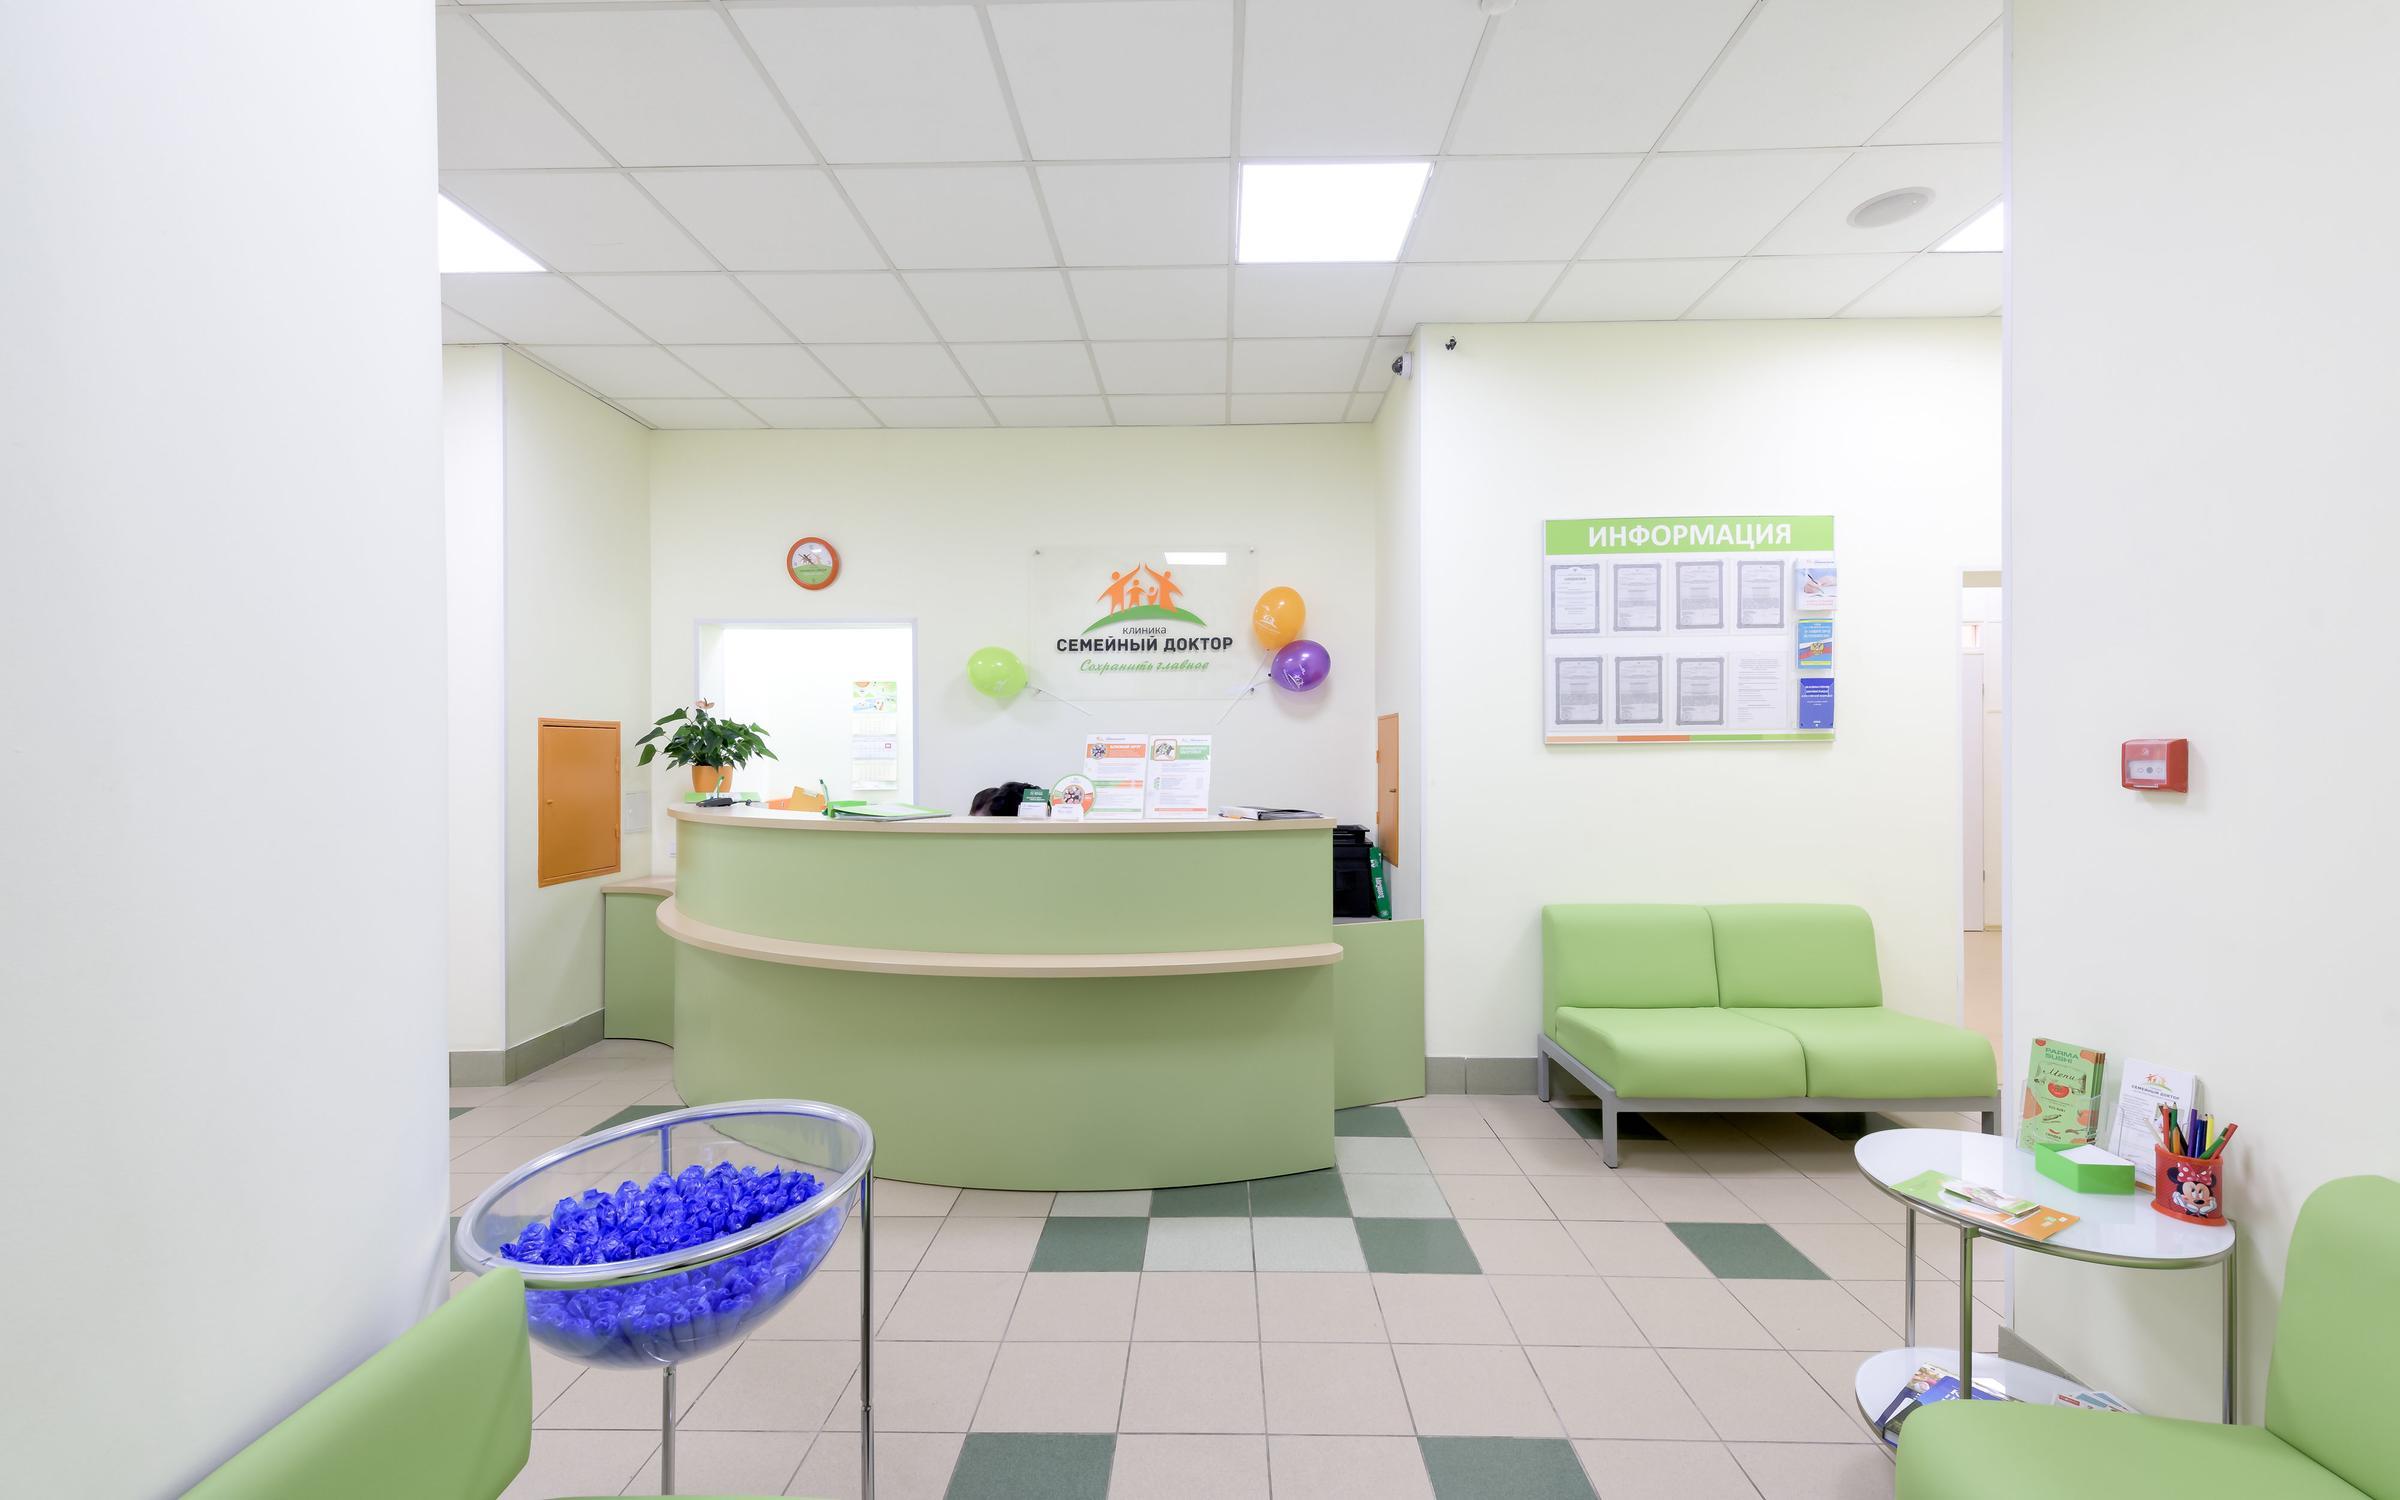 фотография Медицинской клиники Семейный доктор на Петроградской стороне